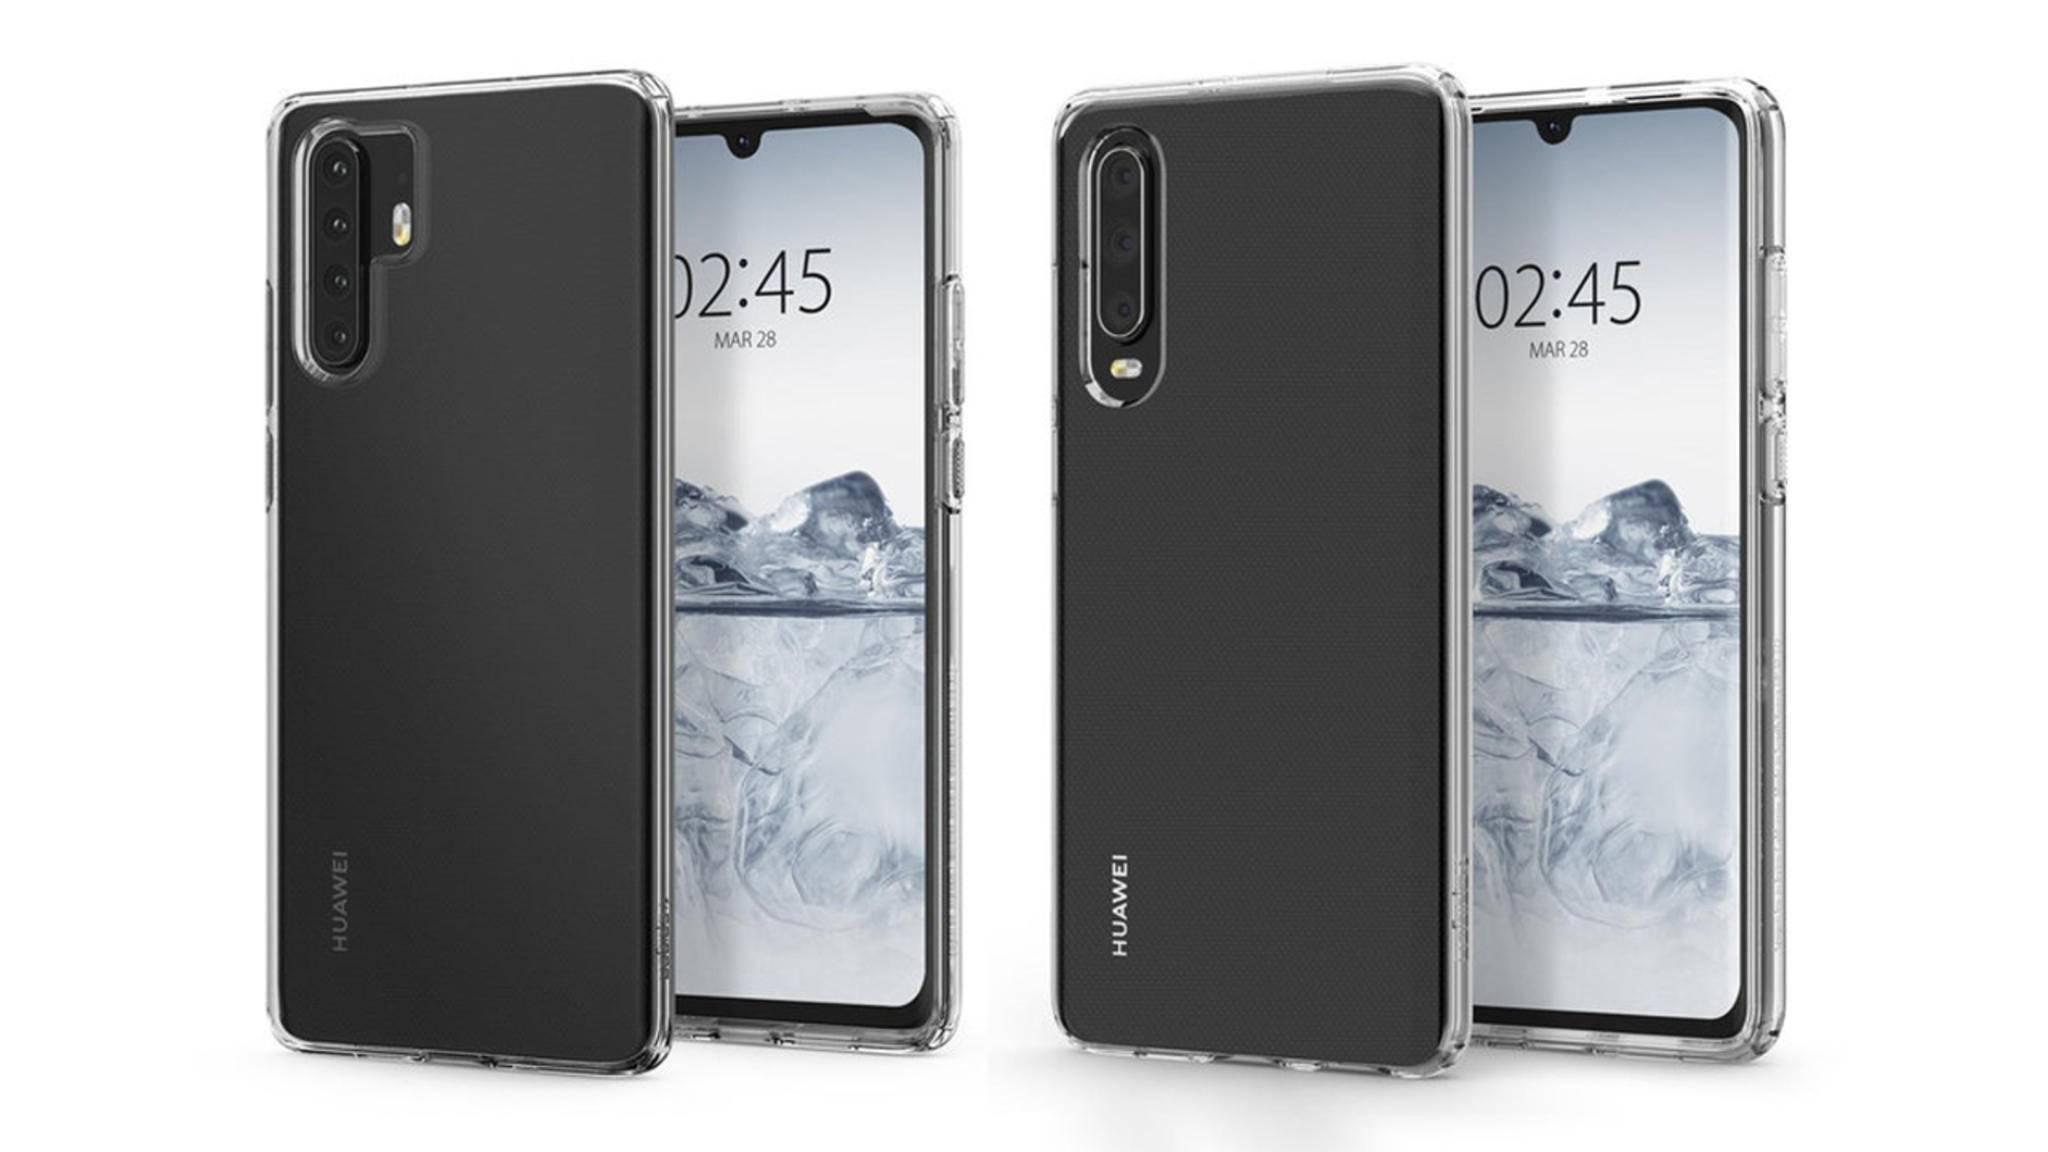 Jetzt ist es offiziell: Am 26. März stellt Huawei die neue P30-Serie in Paris vor.